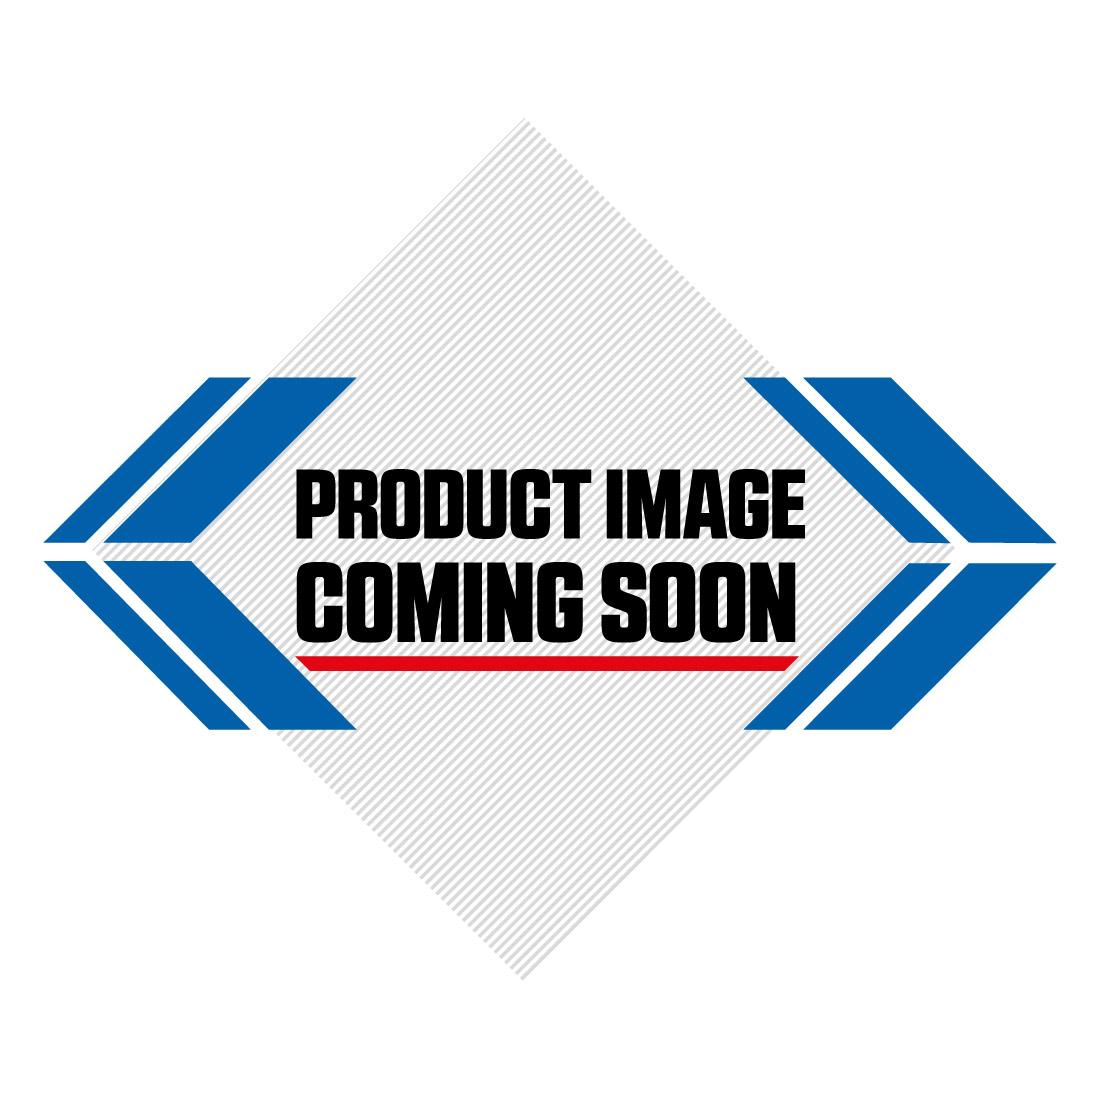 UFO Red White Blue Proton MX Kit Combo Image-2>